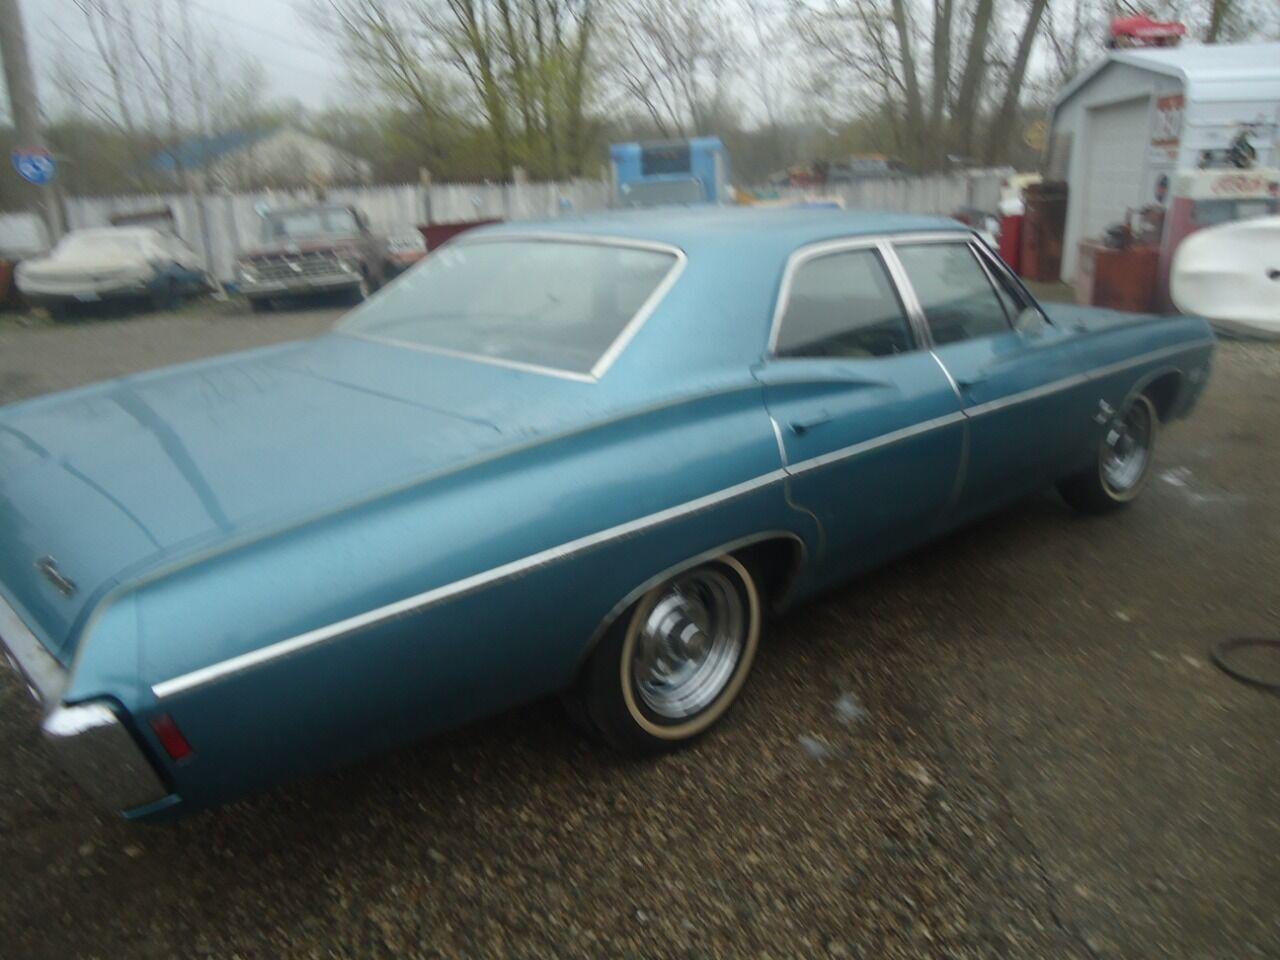 1968 Chevrolet Impala 19